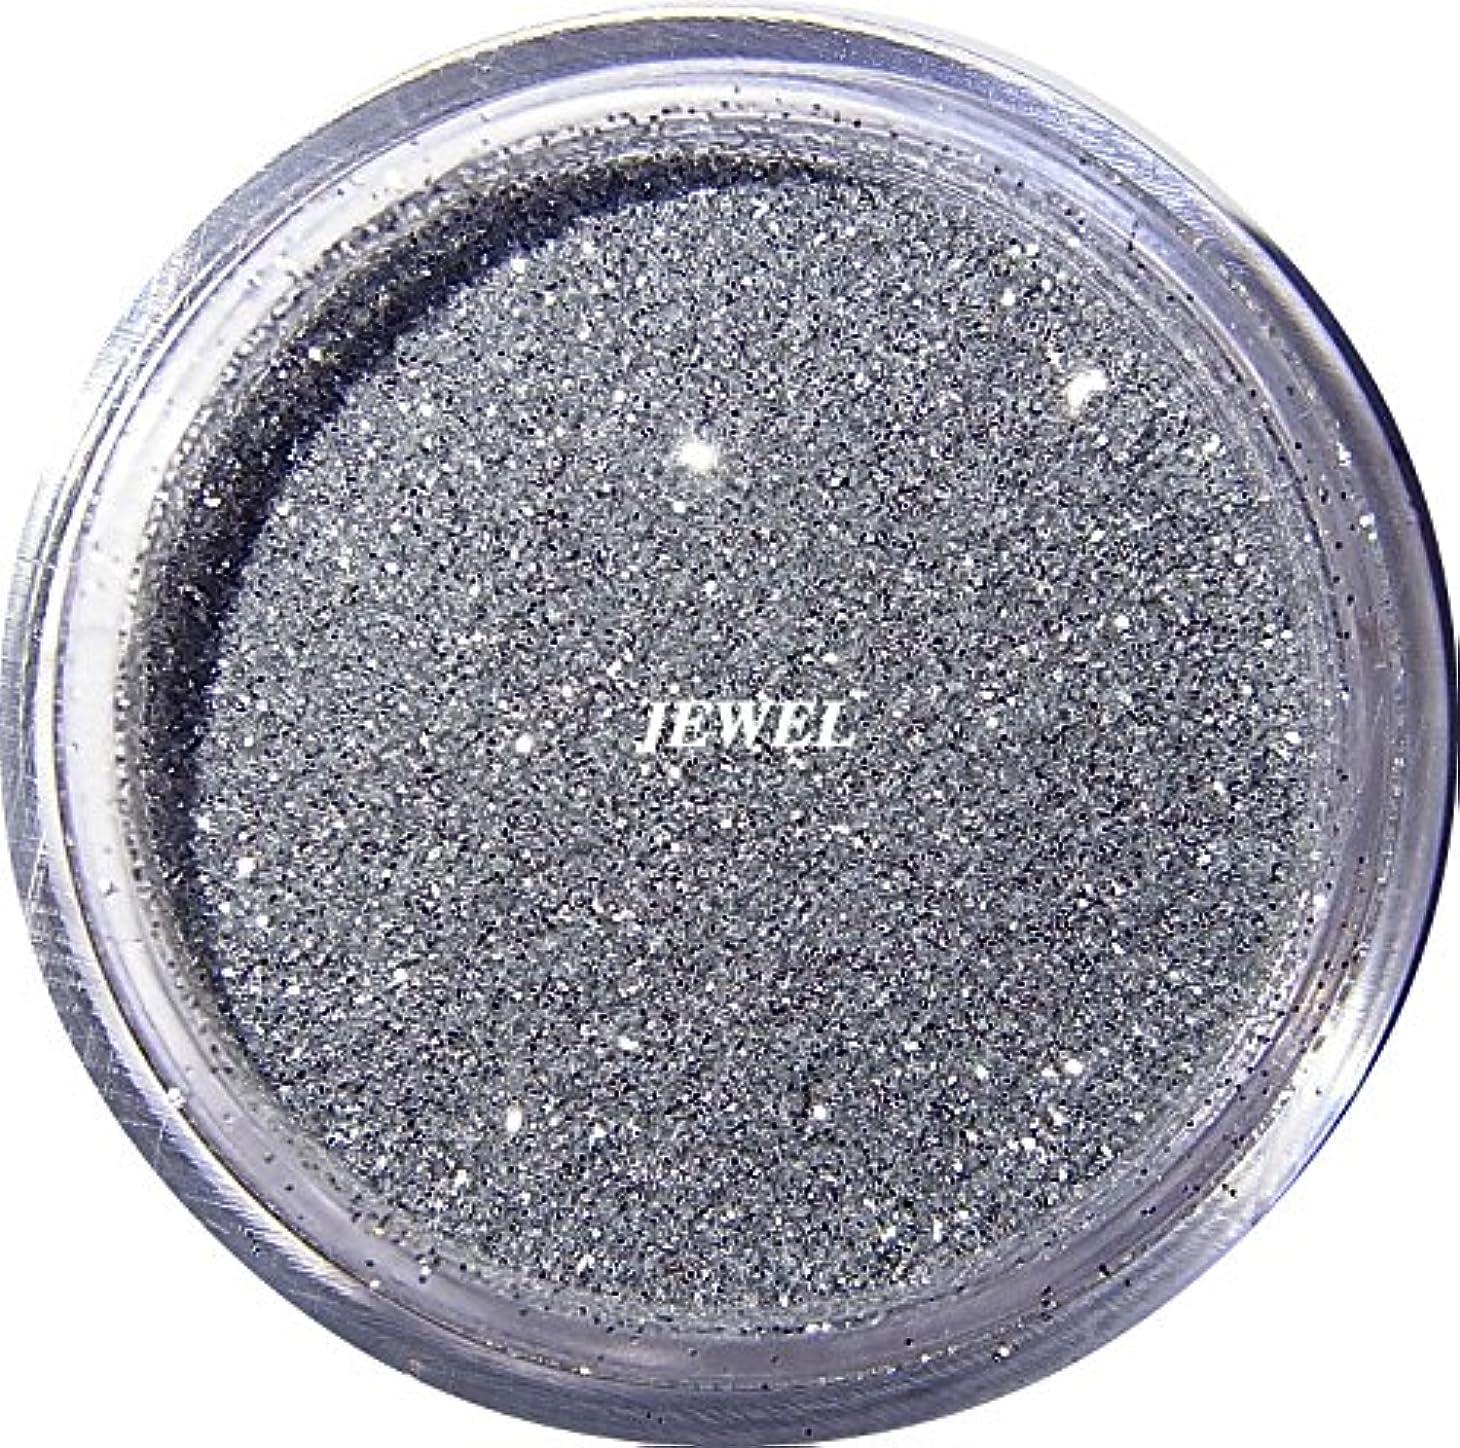 プレミア襟受賞【jewel】 超微粒子ラメパウダー(銀/シルバー) 256/1サイズ 2g入り レジン&ネイル用 グリッター